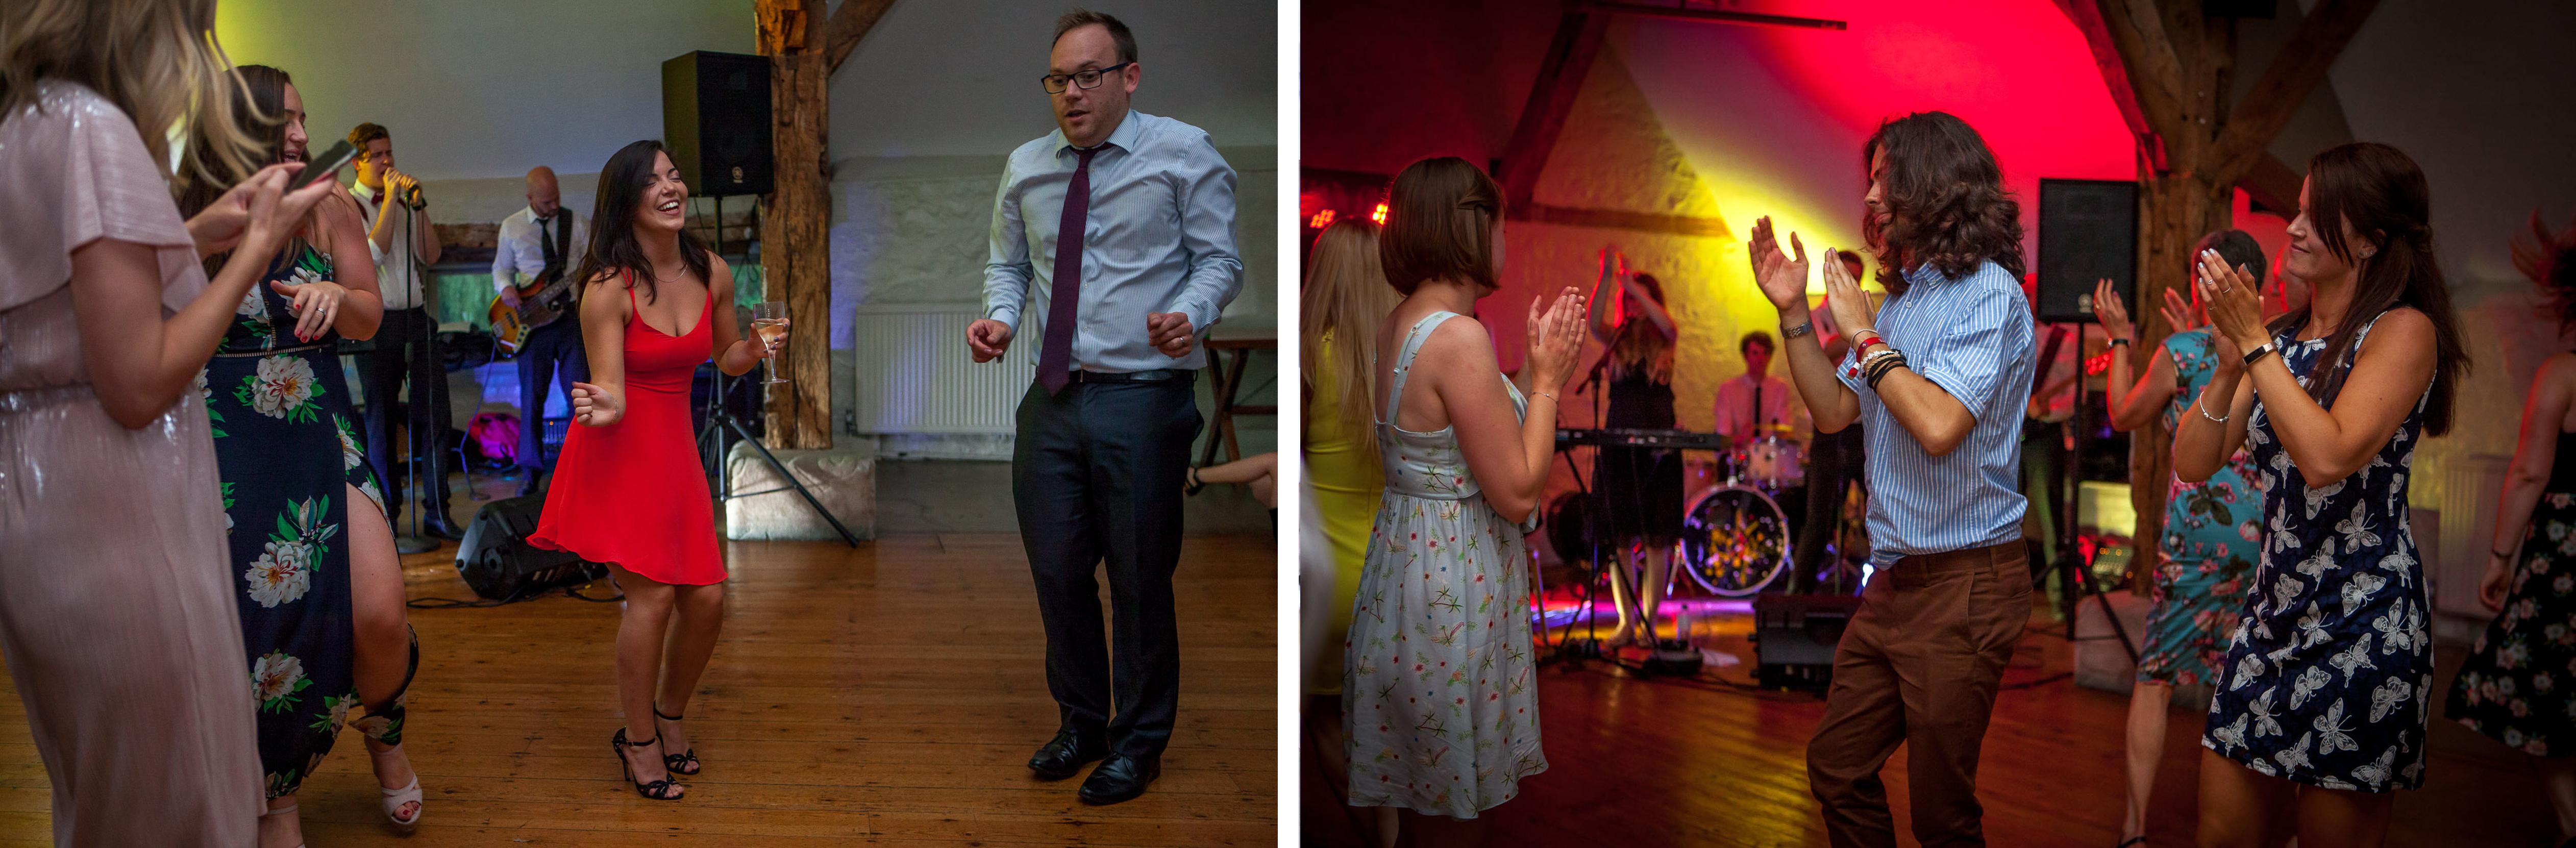 worthing wedding photographerer